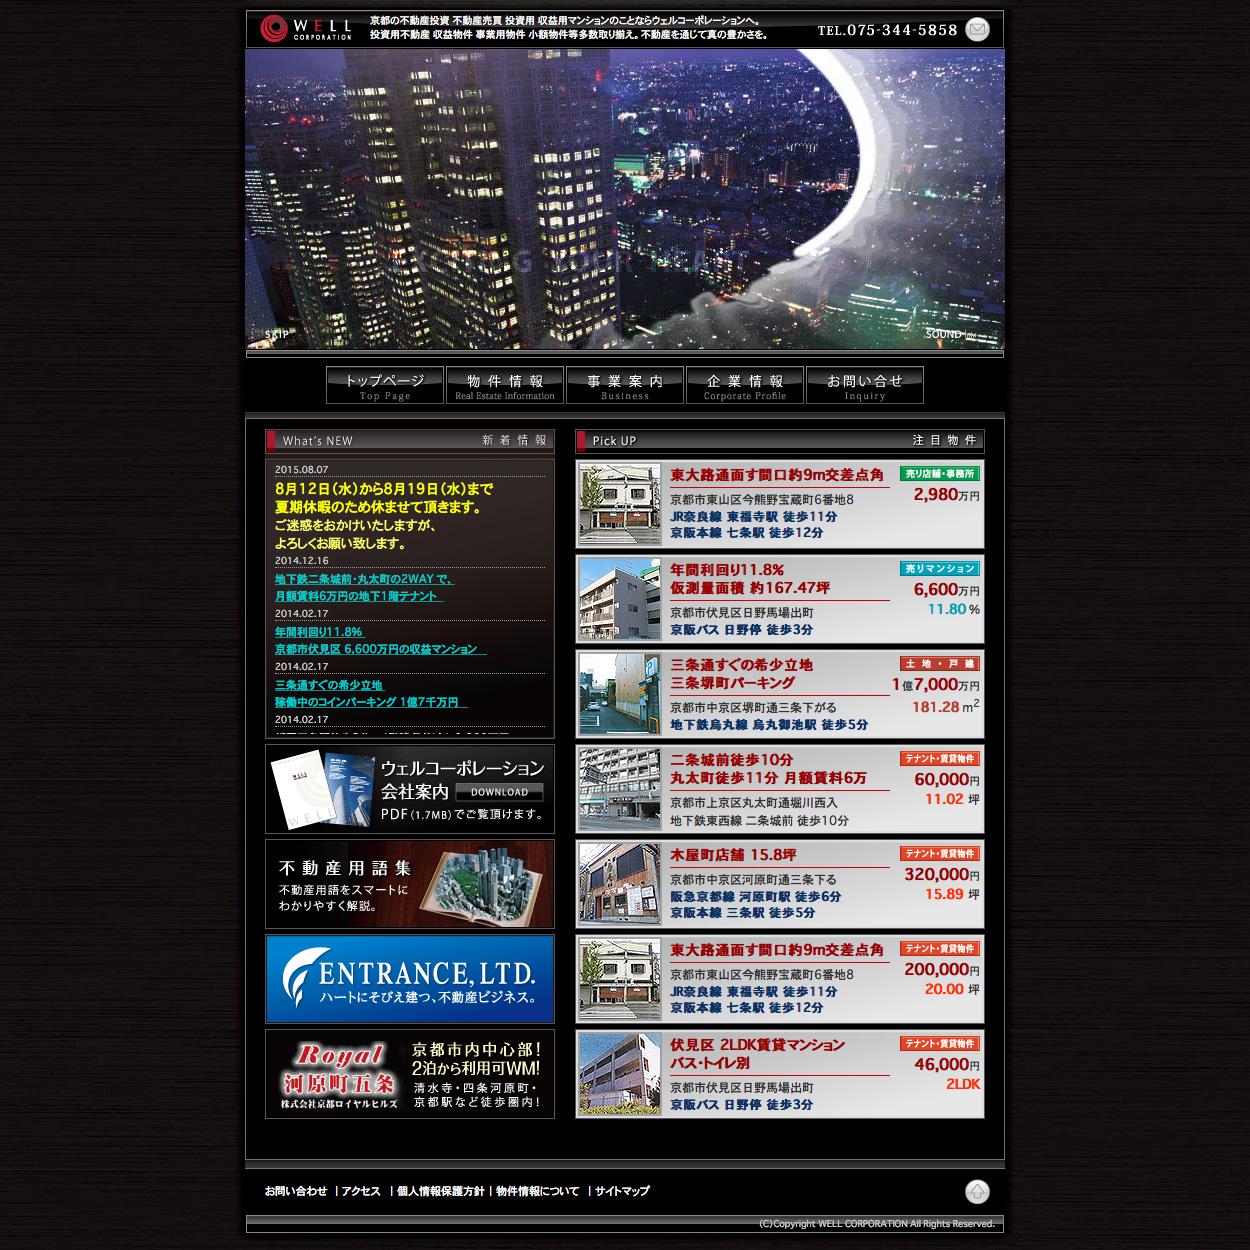 株式会社ウェルコーポレーション ホームページ